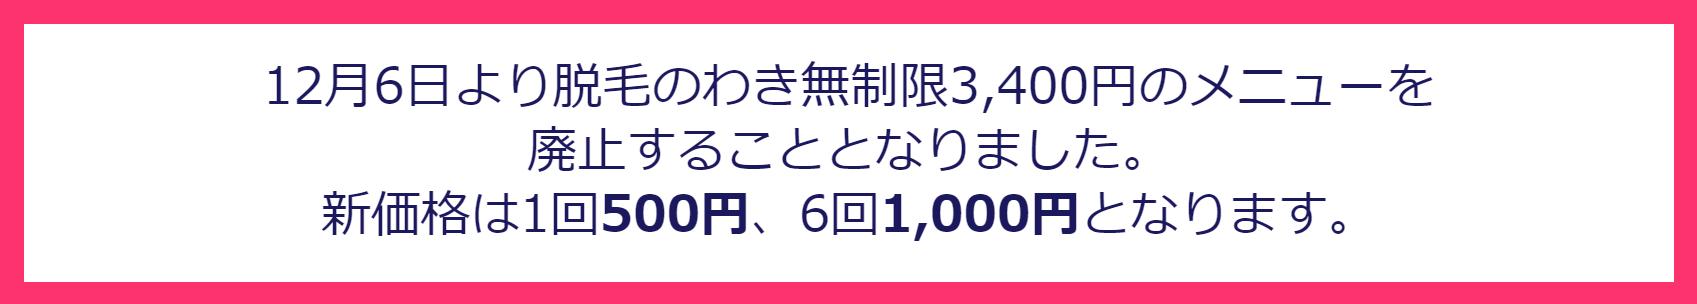 湘南美容クリニックの公式サイトに脇脱毛6回1,000円と書かれている画像